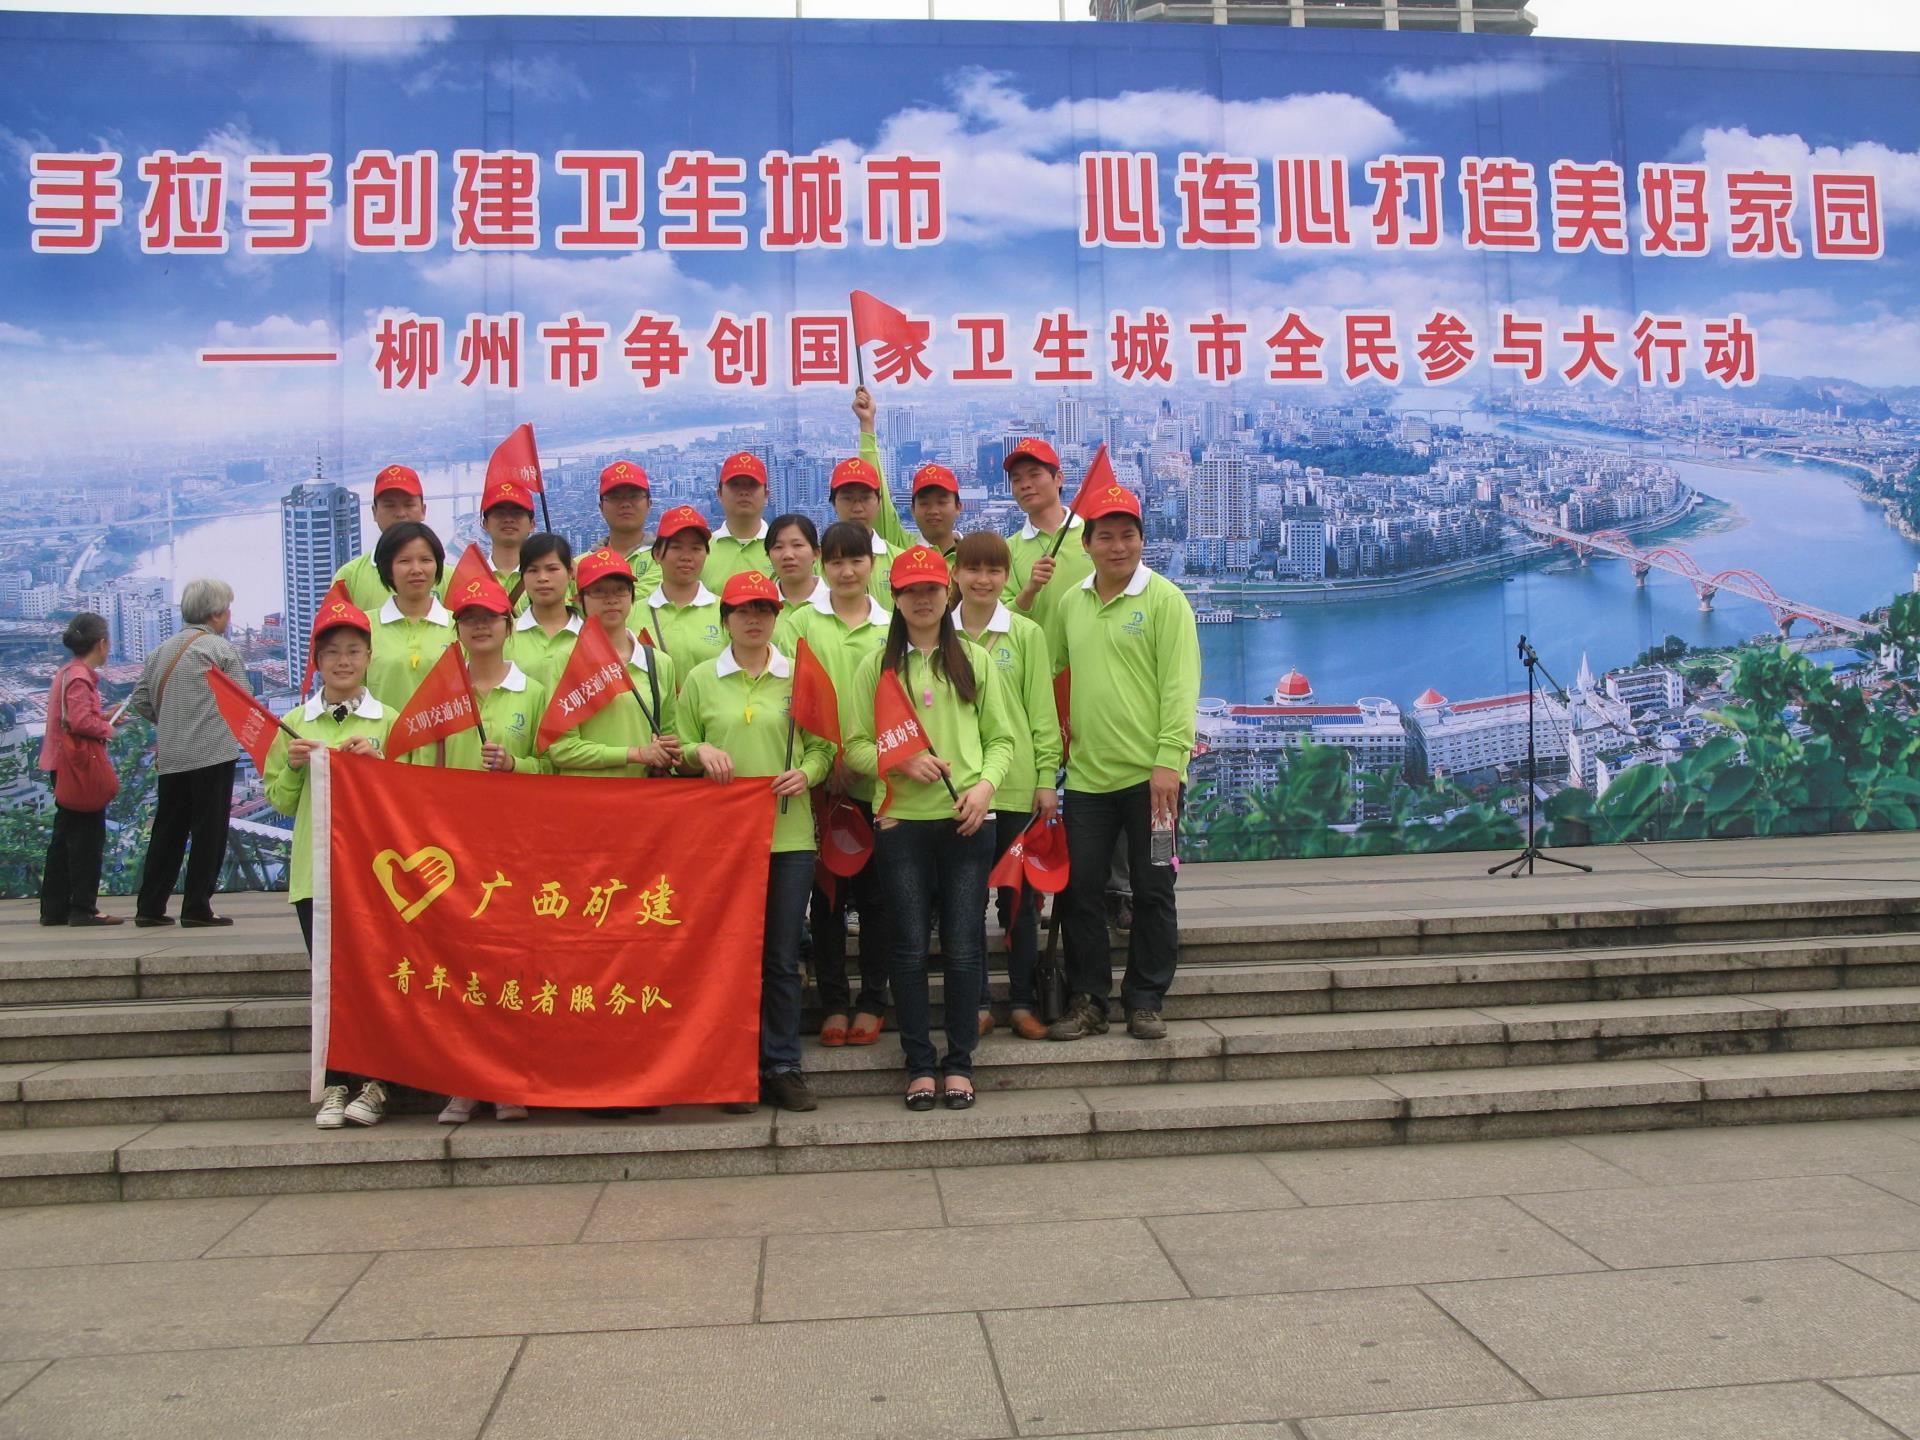 2013-2014年全市优秀志愿者组织候选团队 广西矿建青年志愿者服务队